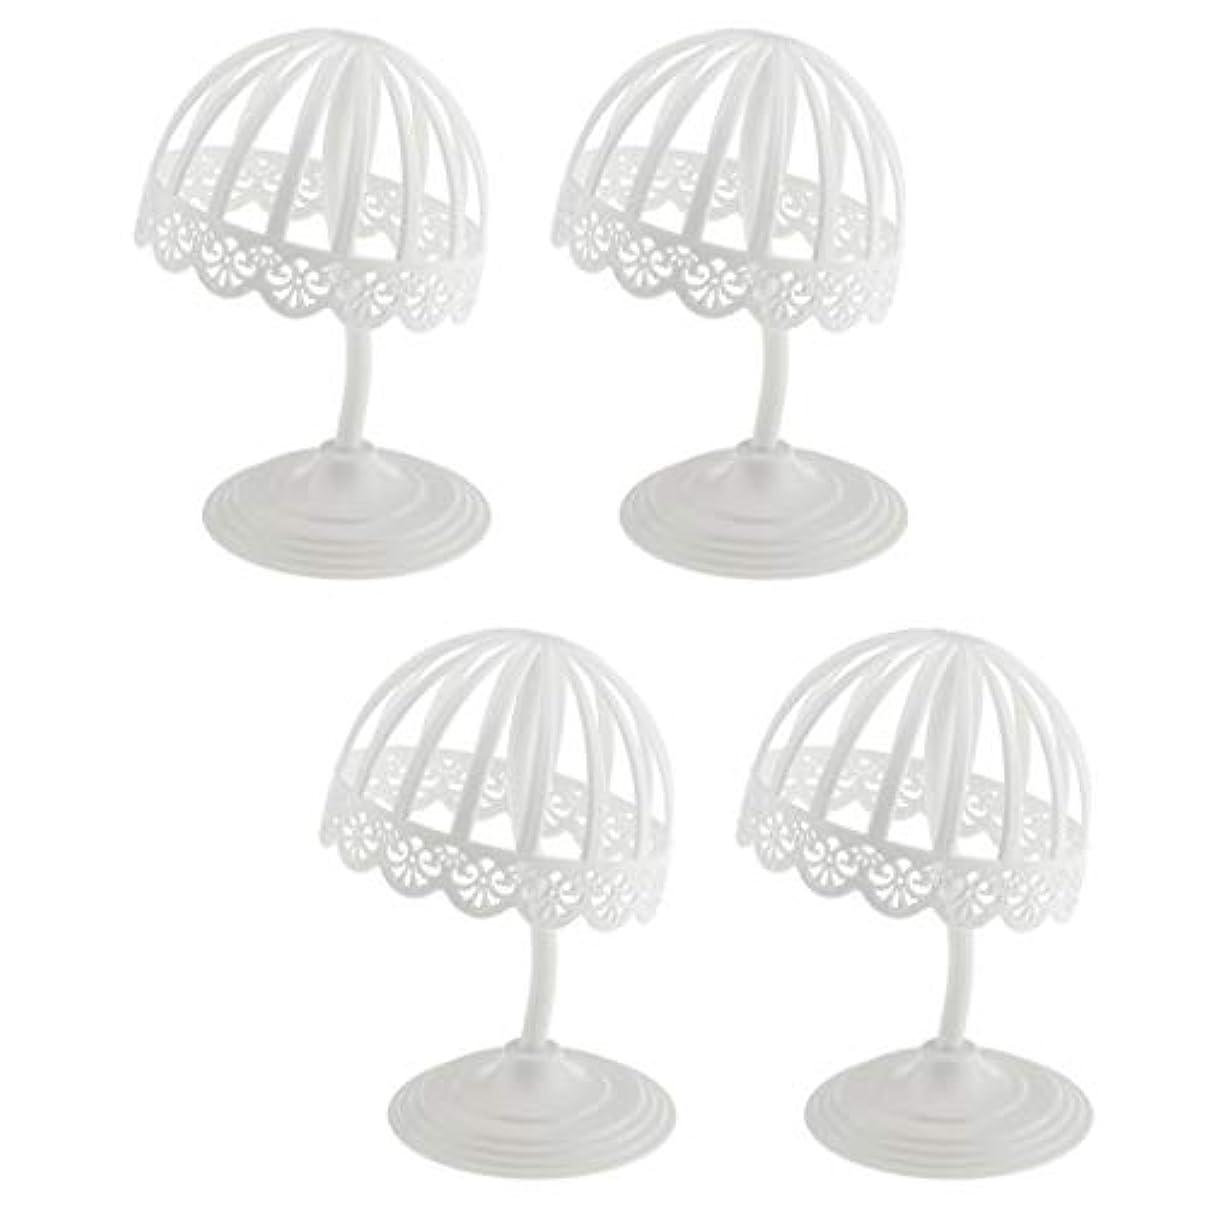 期待泥品揃えSM SunniMix ウィッグ スタンド 帽子 収納 ディスプレイ 4個セット プラスチック製 ホワイト